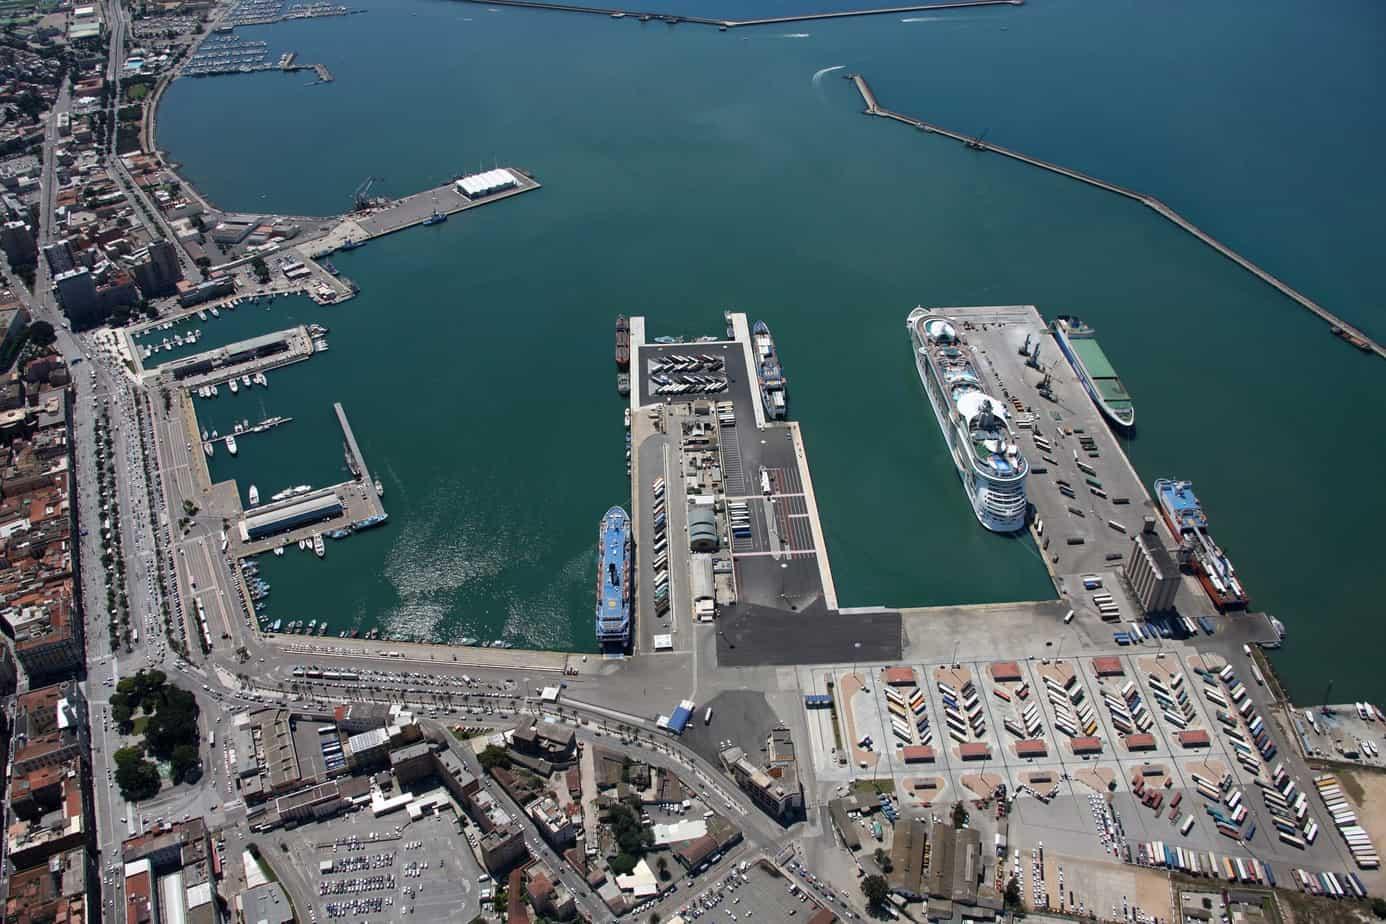 Una veduta del porto storico di Cagliari. In evidenza, in basso, i moli Sabaudo e Rinascita che costituiscono il terminal passeggeri